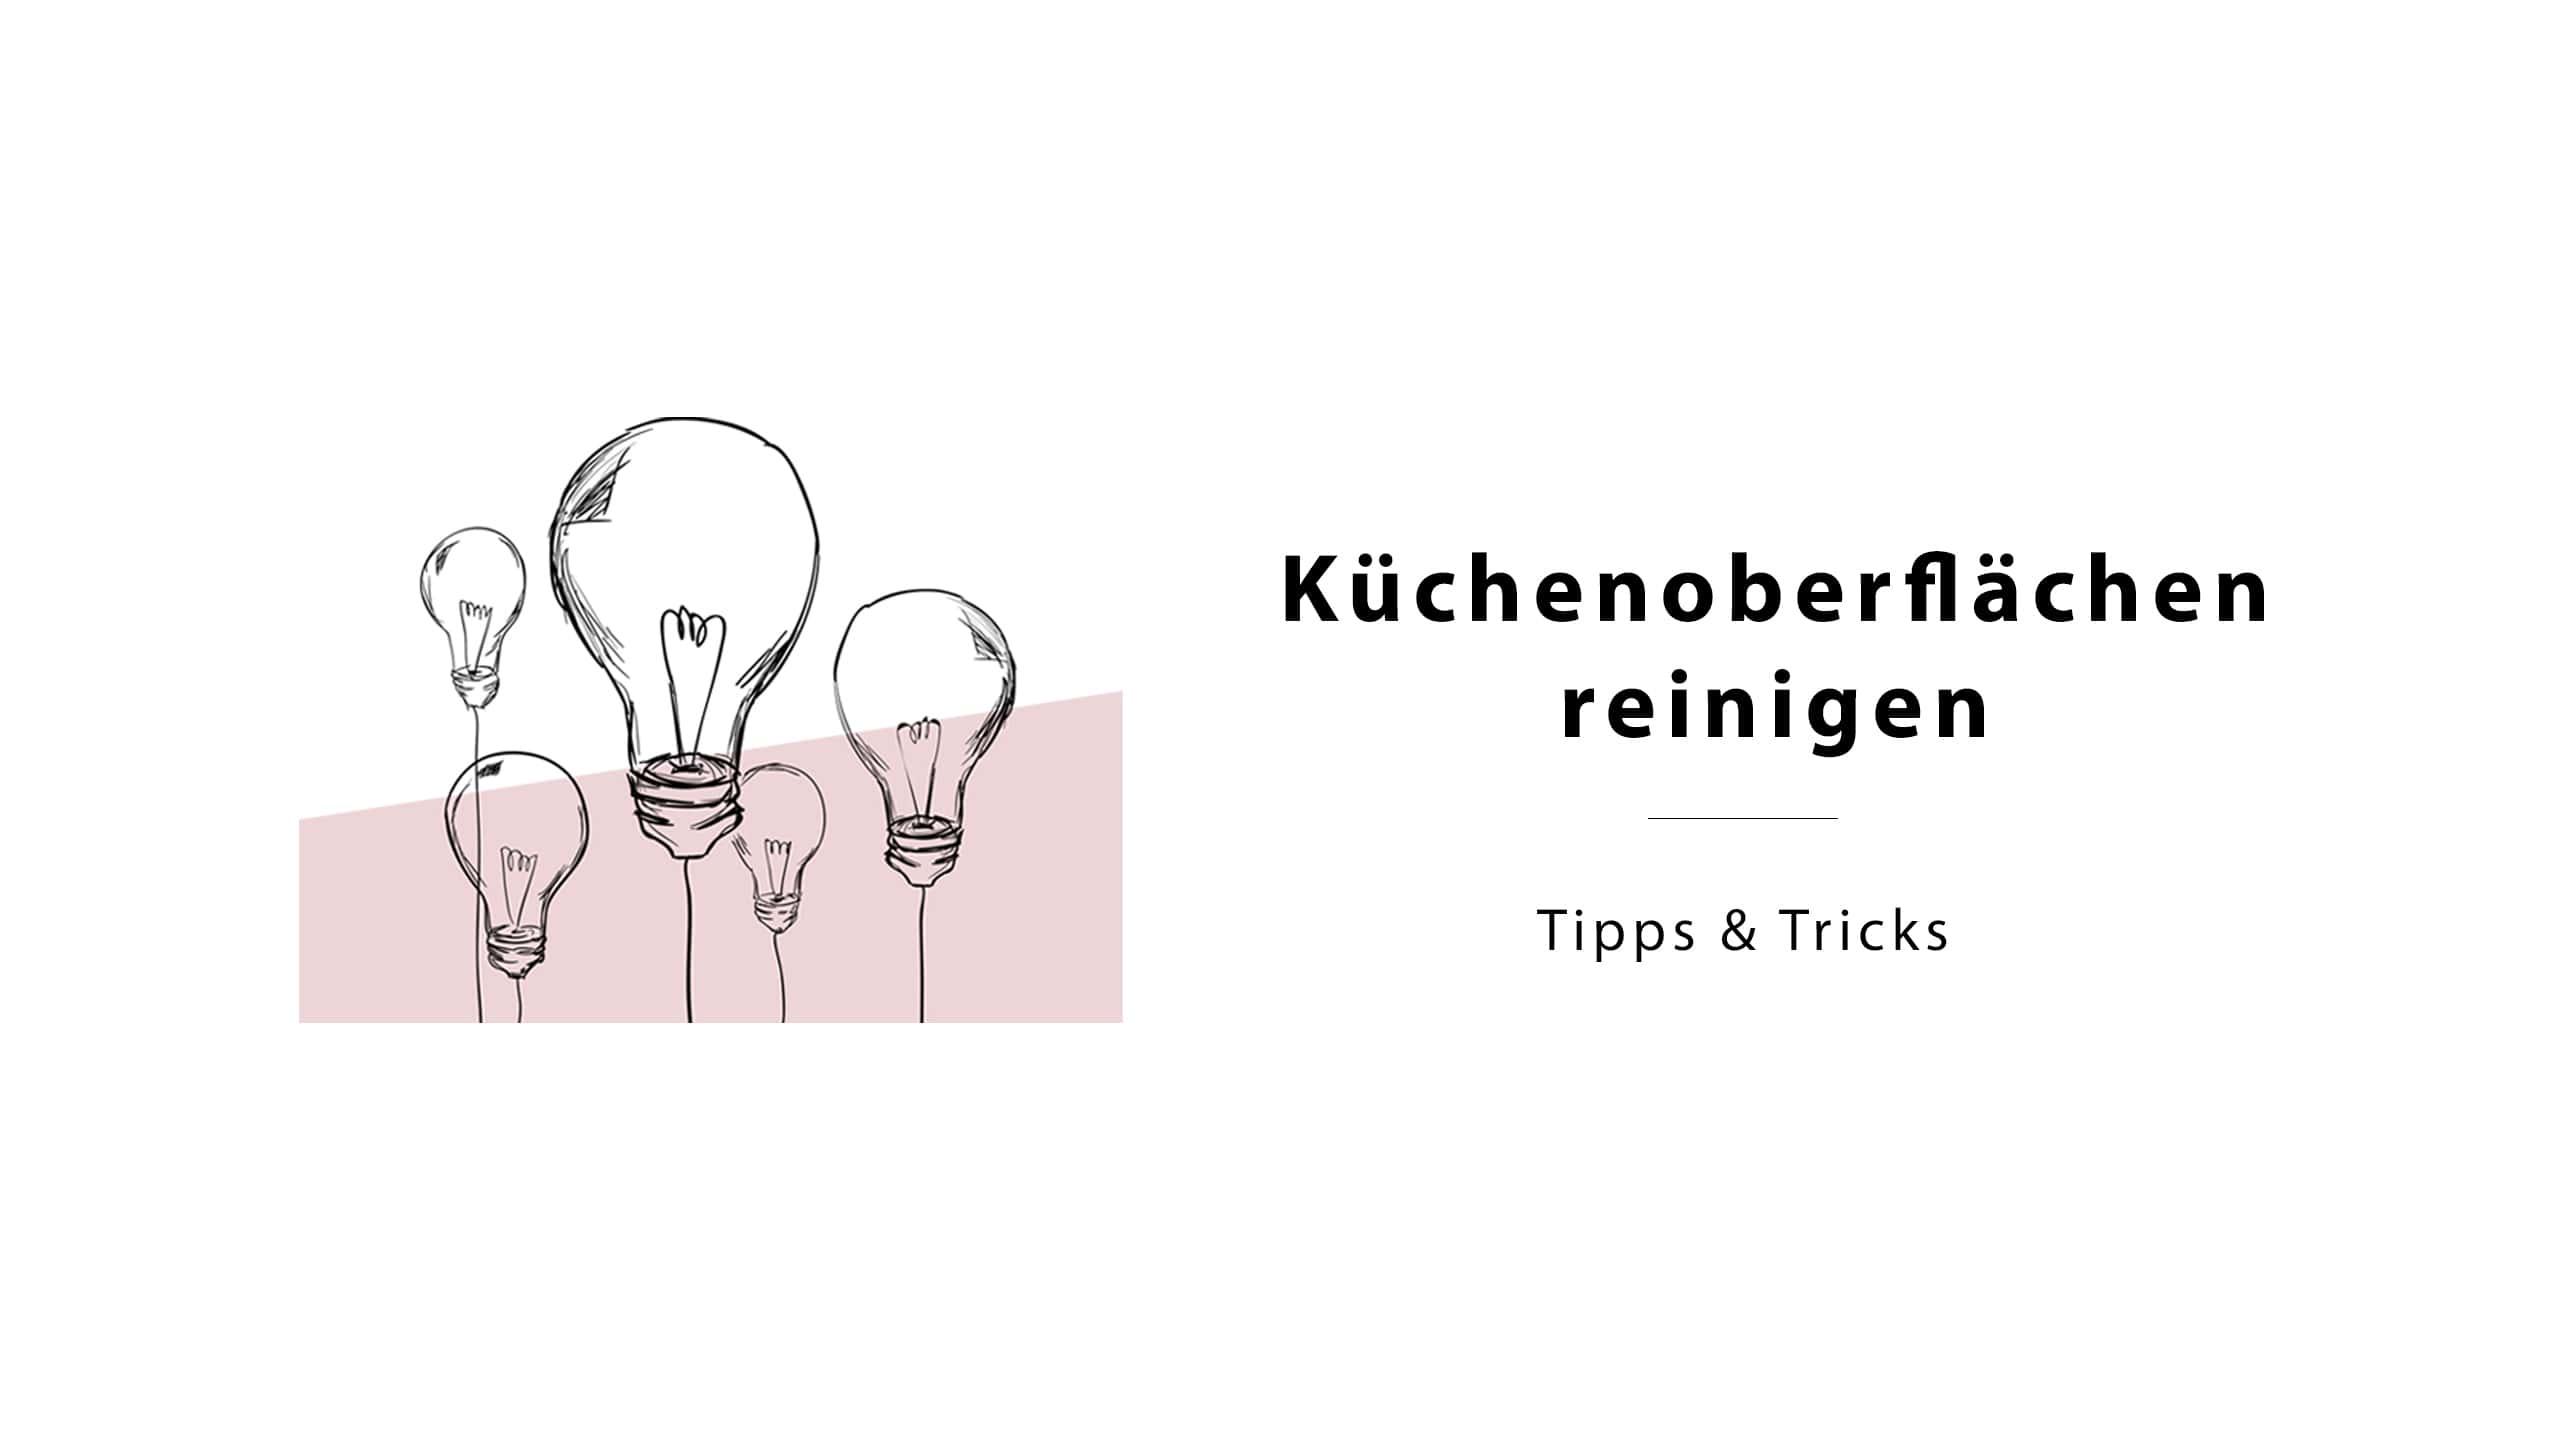 Küchen Staude Blog Tipps und Tricks zum Küchenoberflächen reinigen